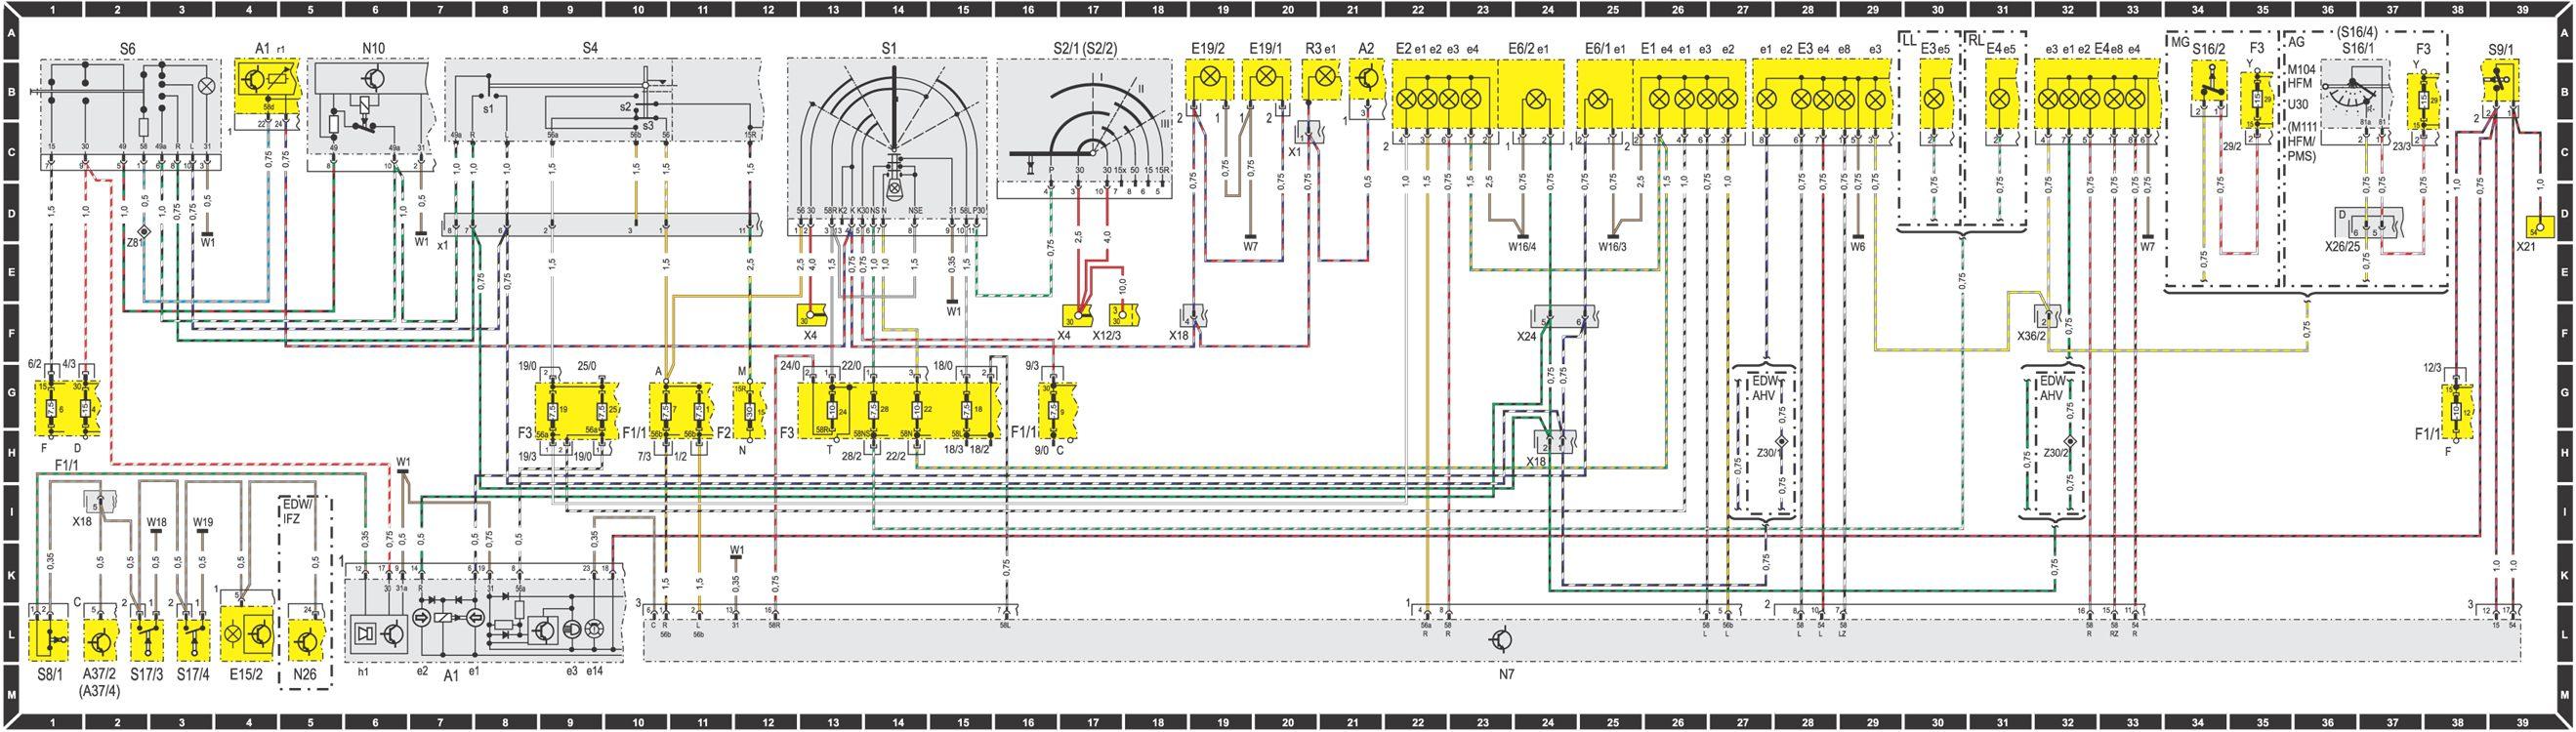 Индекс Элемент схемы Координаты А1 Комбинированный прибор 4А 7М А1е1 Указатель мигающего светосигнального устройства...